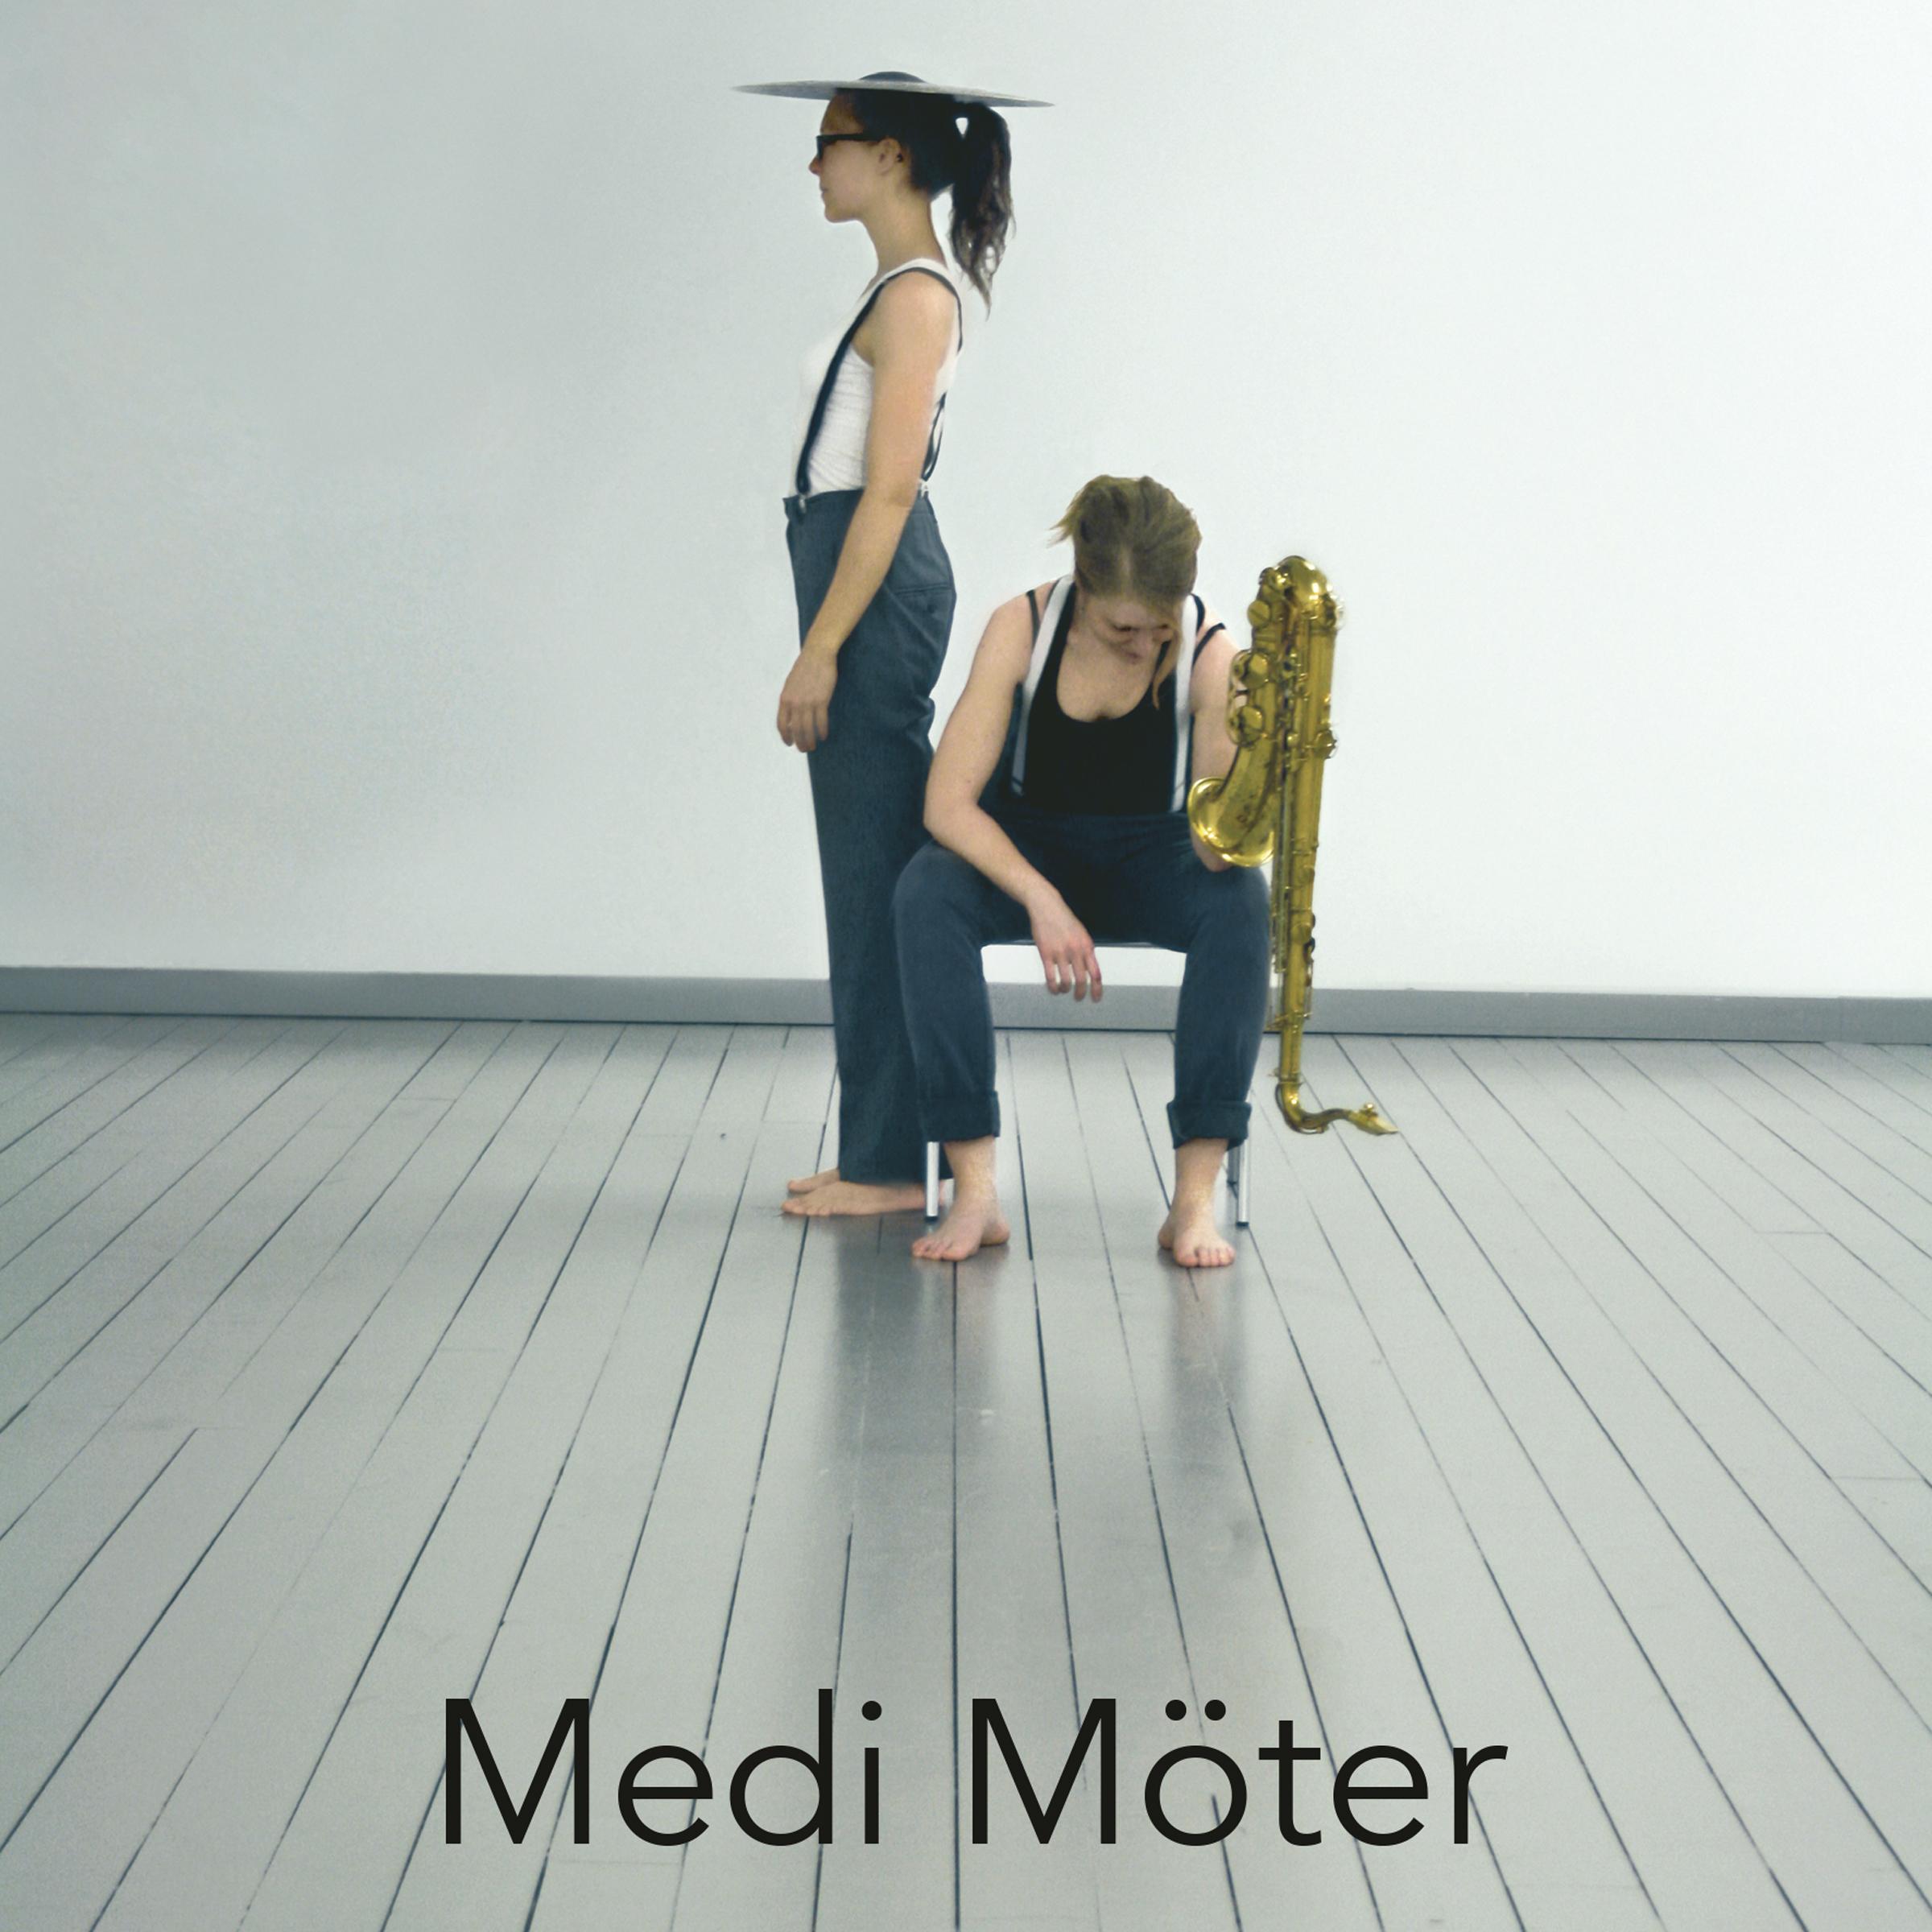 MediMöter-omslag.jpg